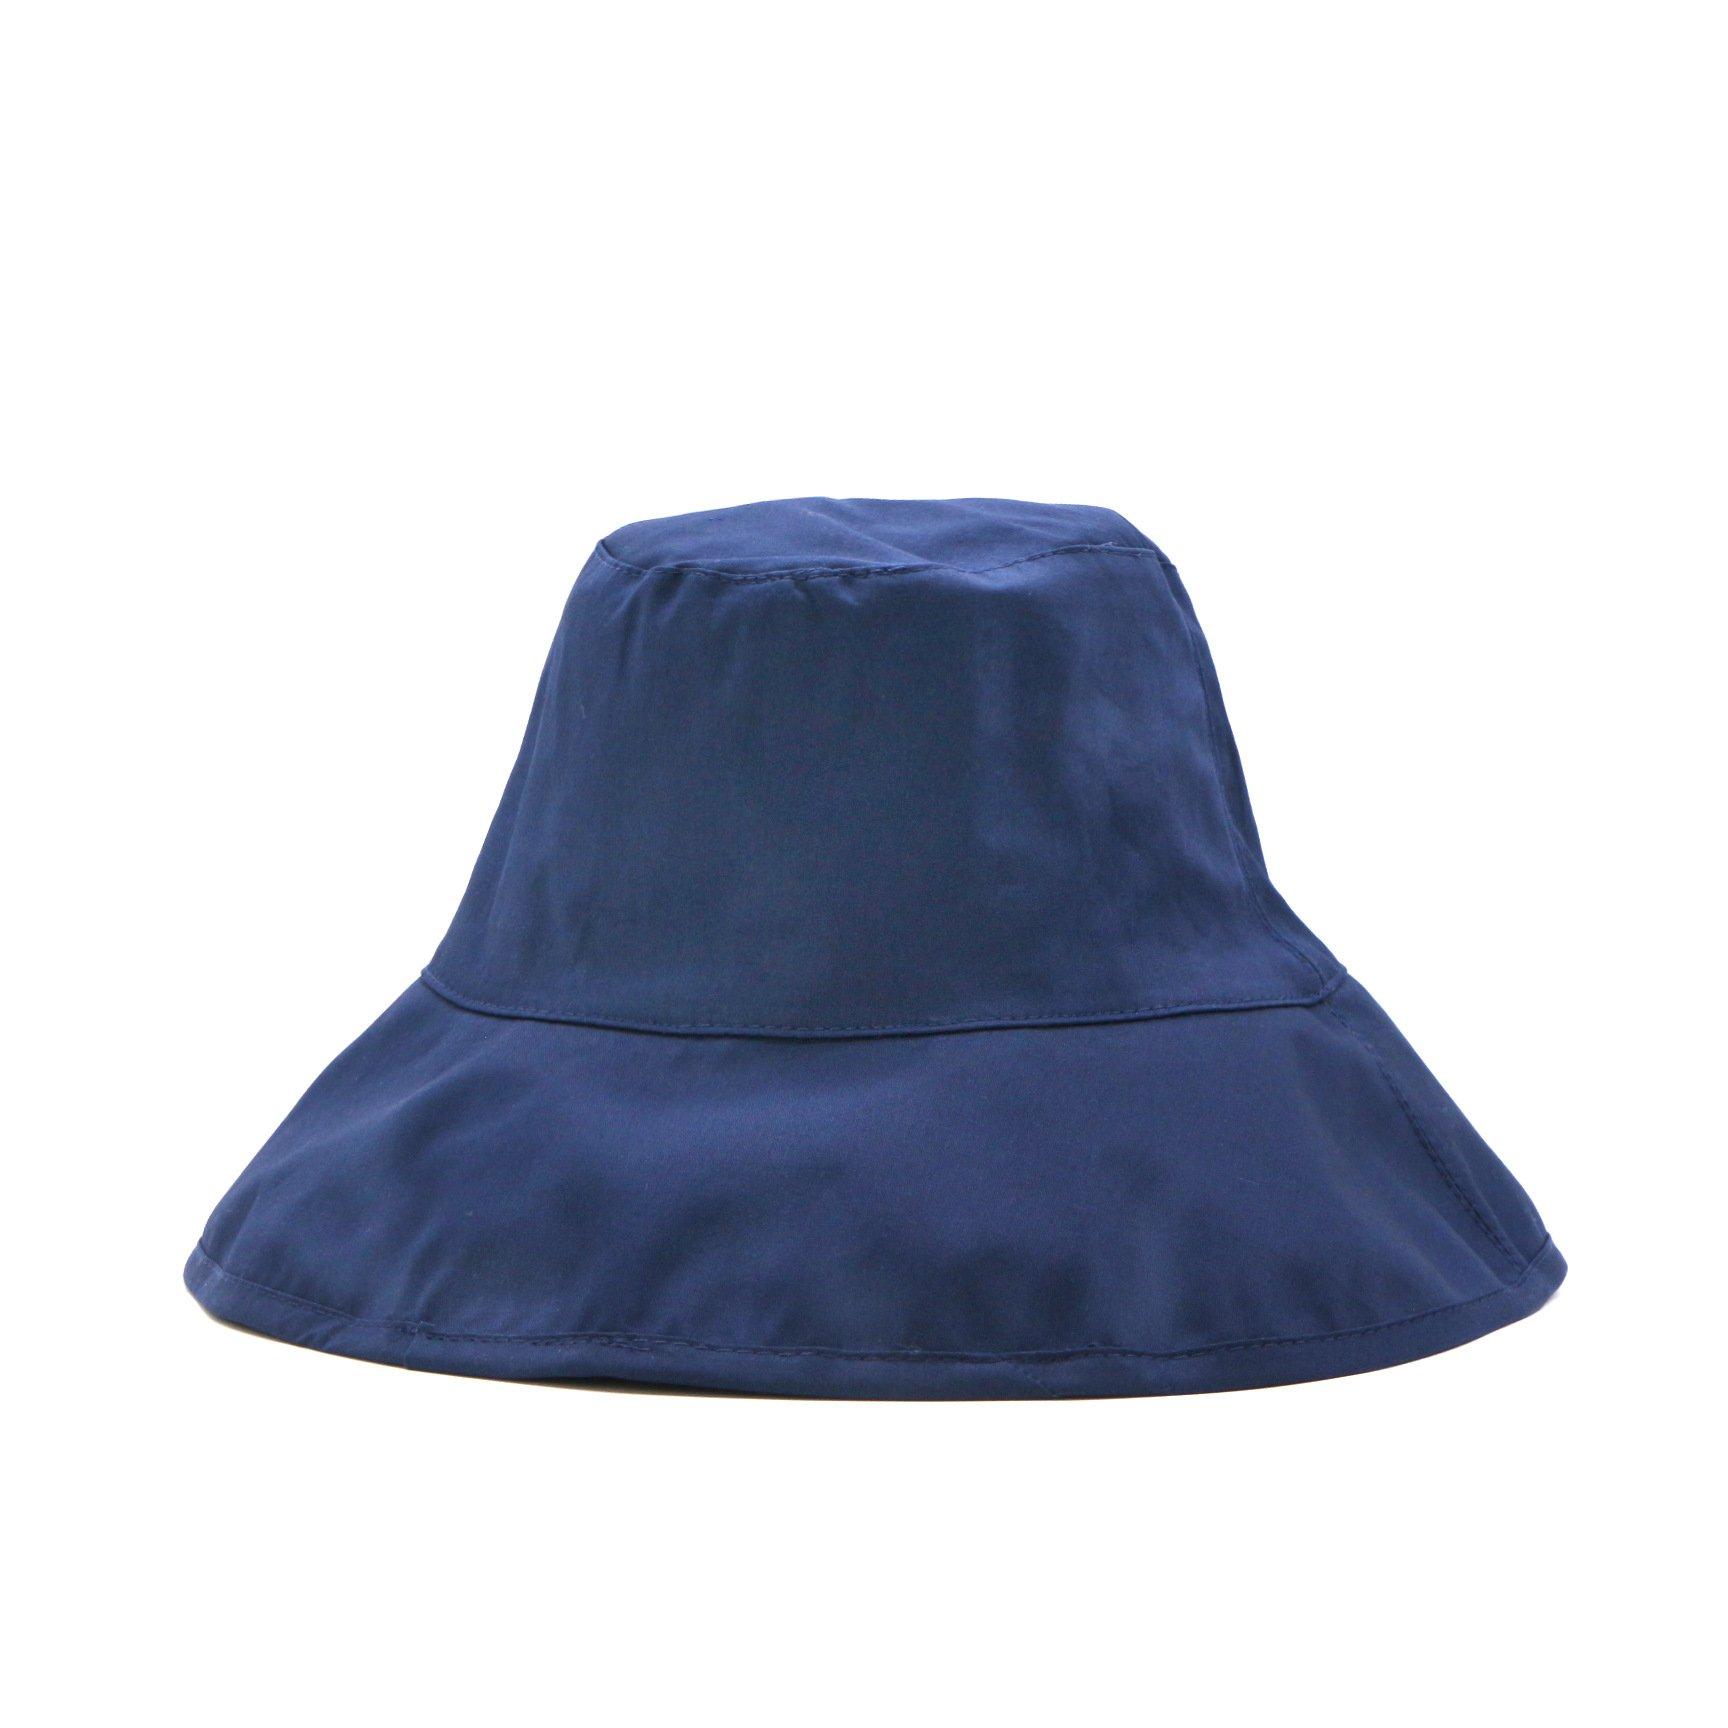 Women's Outdoor UPF50+ Sun Hat Cotton Linen Packable Bucket Boonie Wear Beach Daily Blue